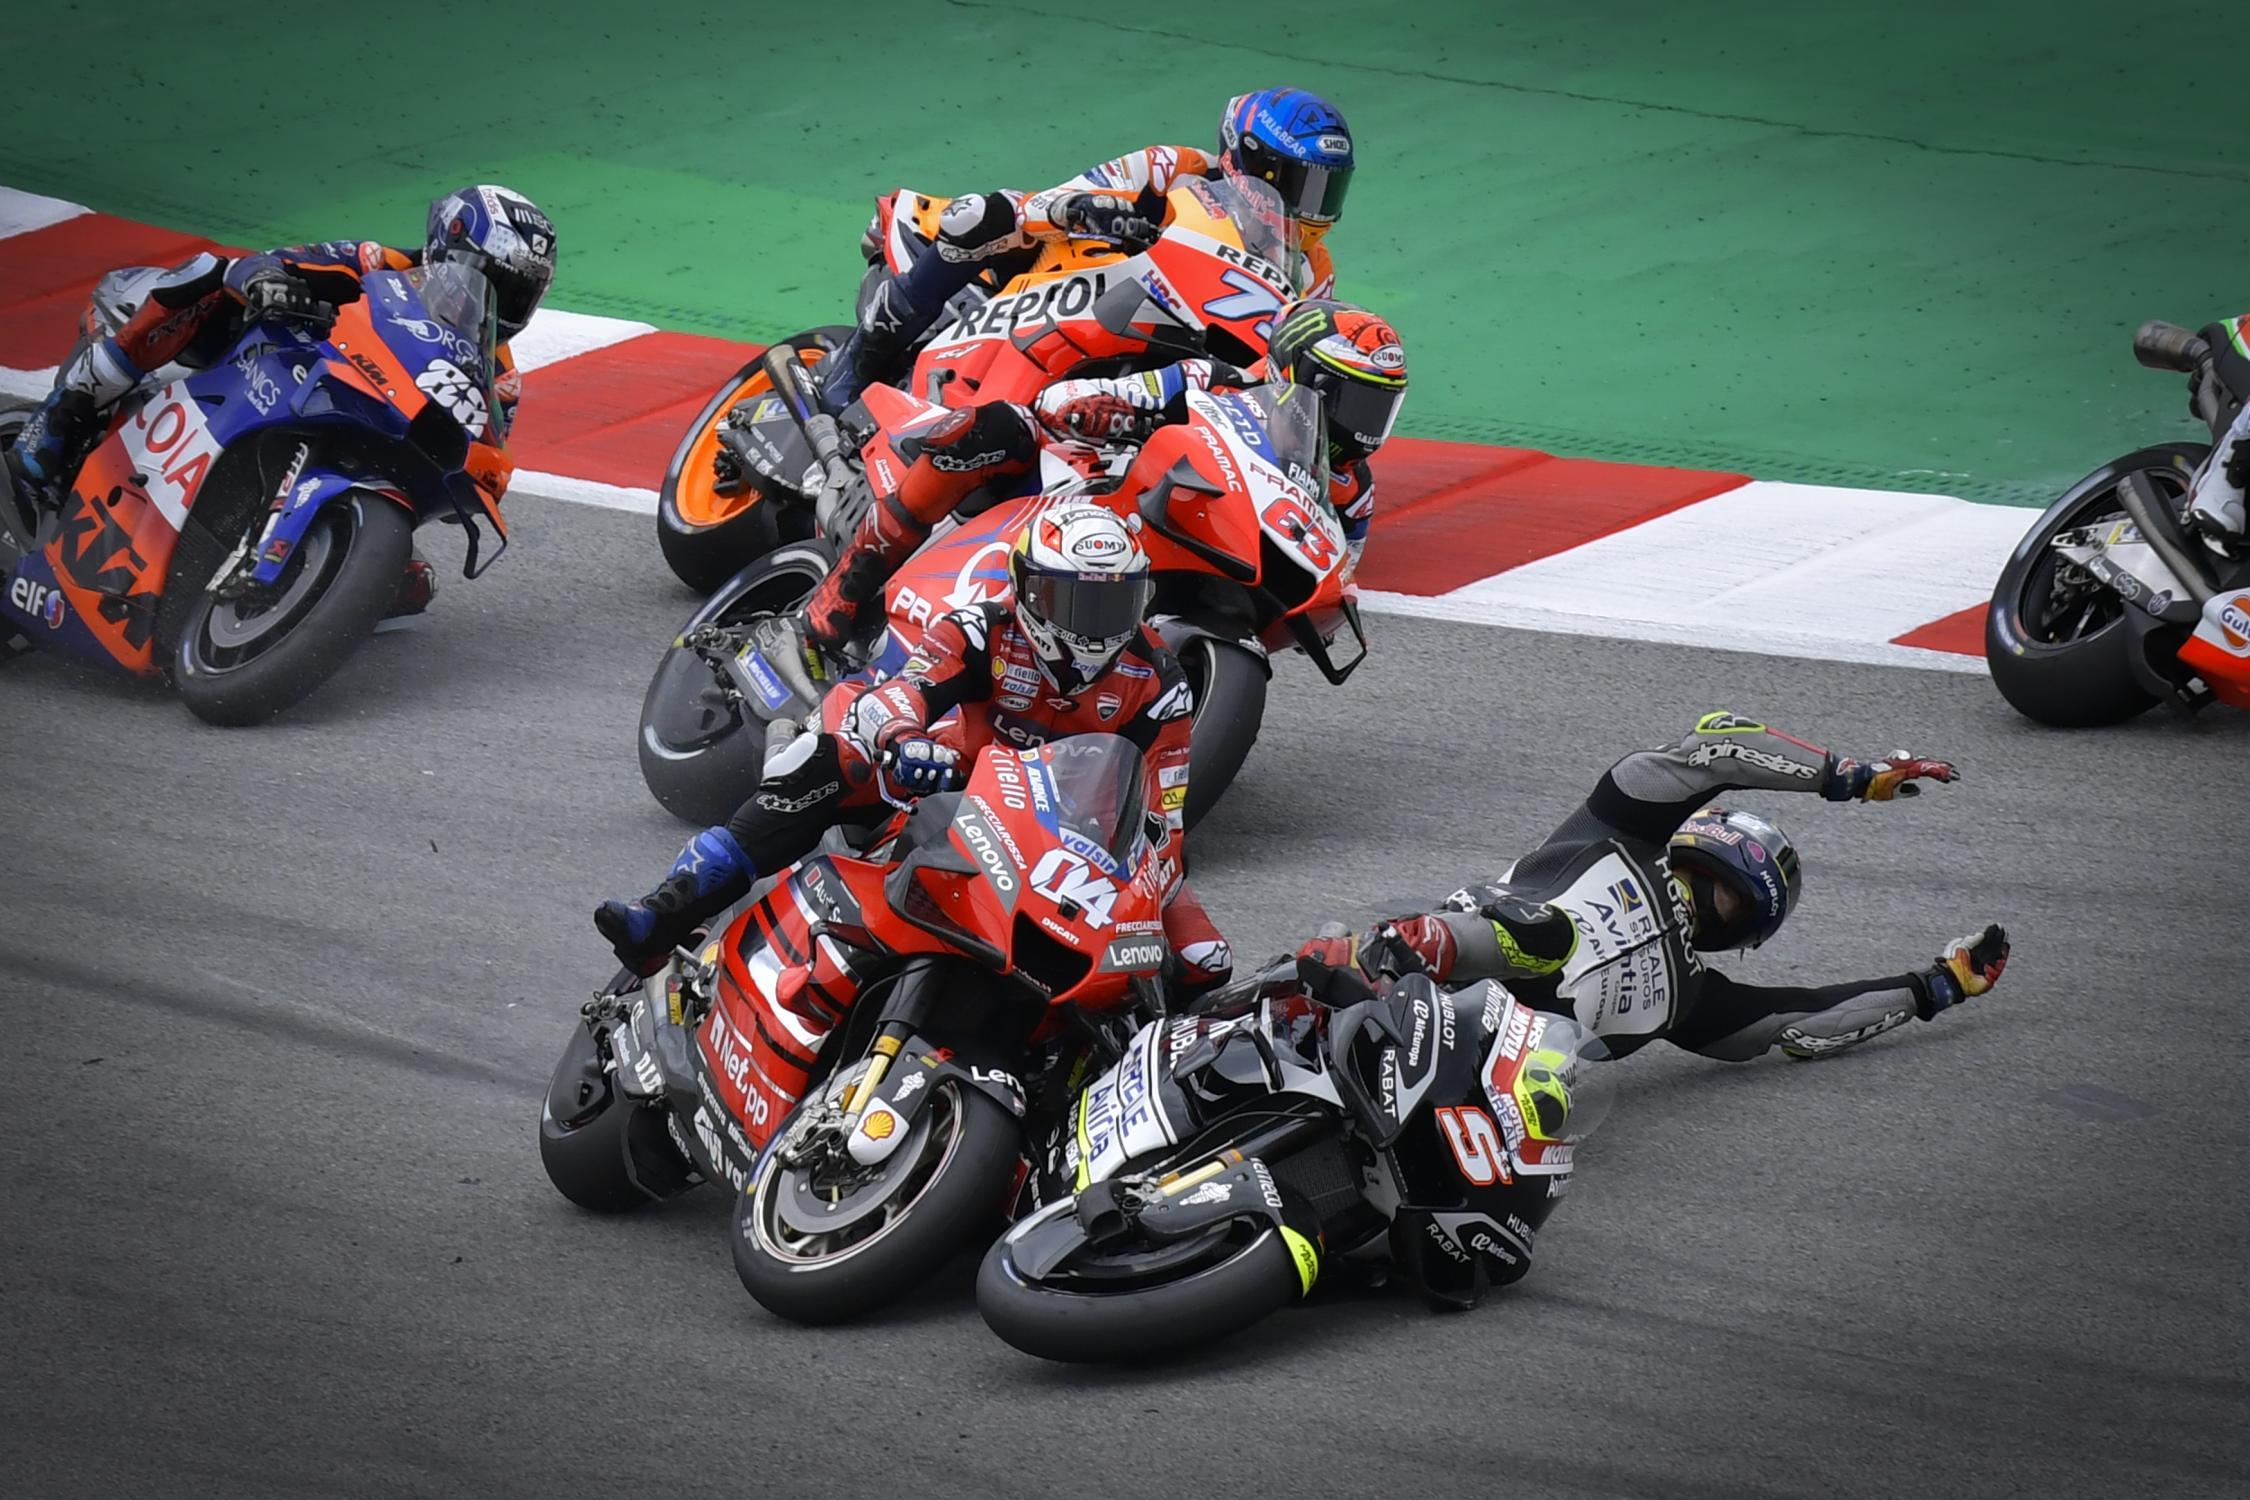 El que tuvo suerte fue Zarco. Salió ileso. Foto: MotoGP